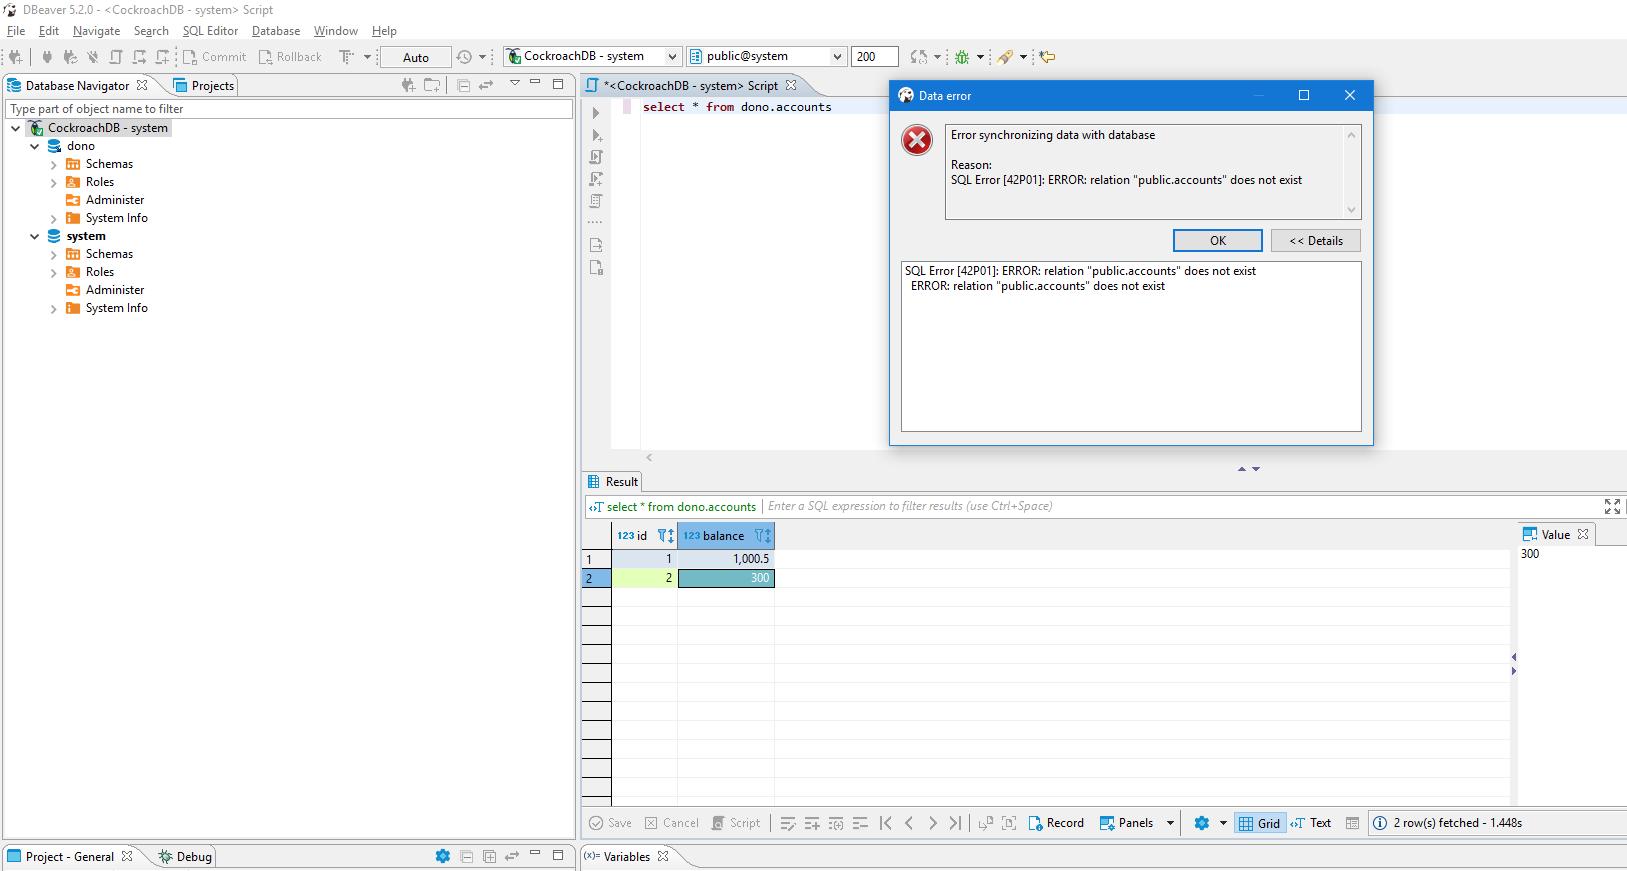 CockroachDB: Error synchronizing with database (SQL Error 42p01